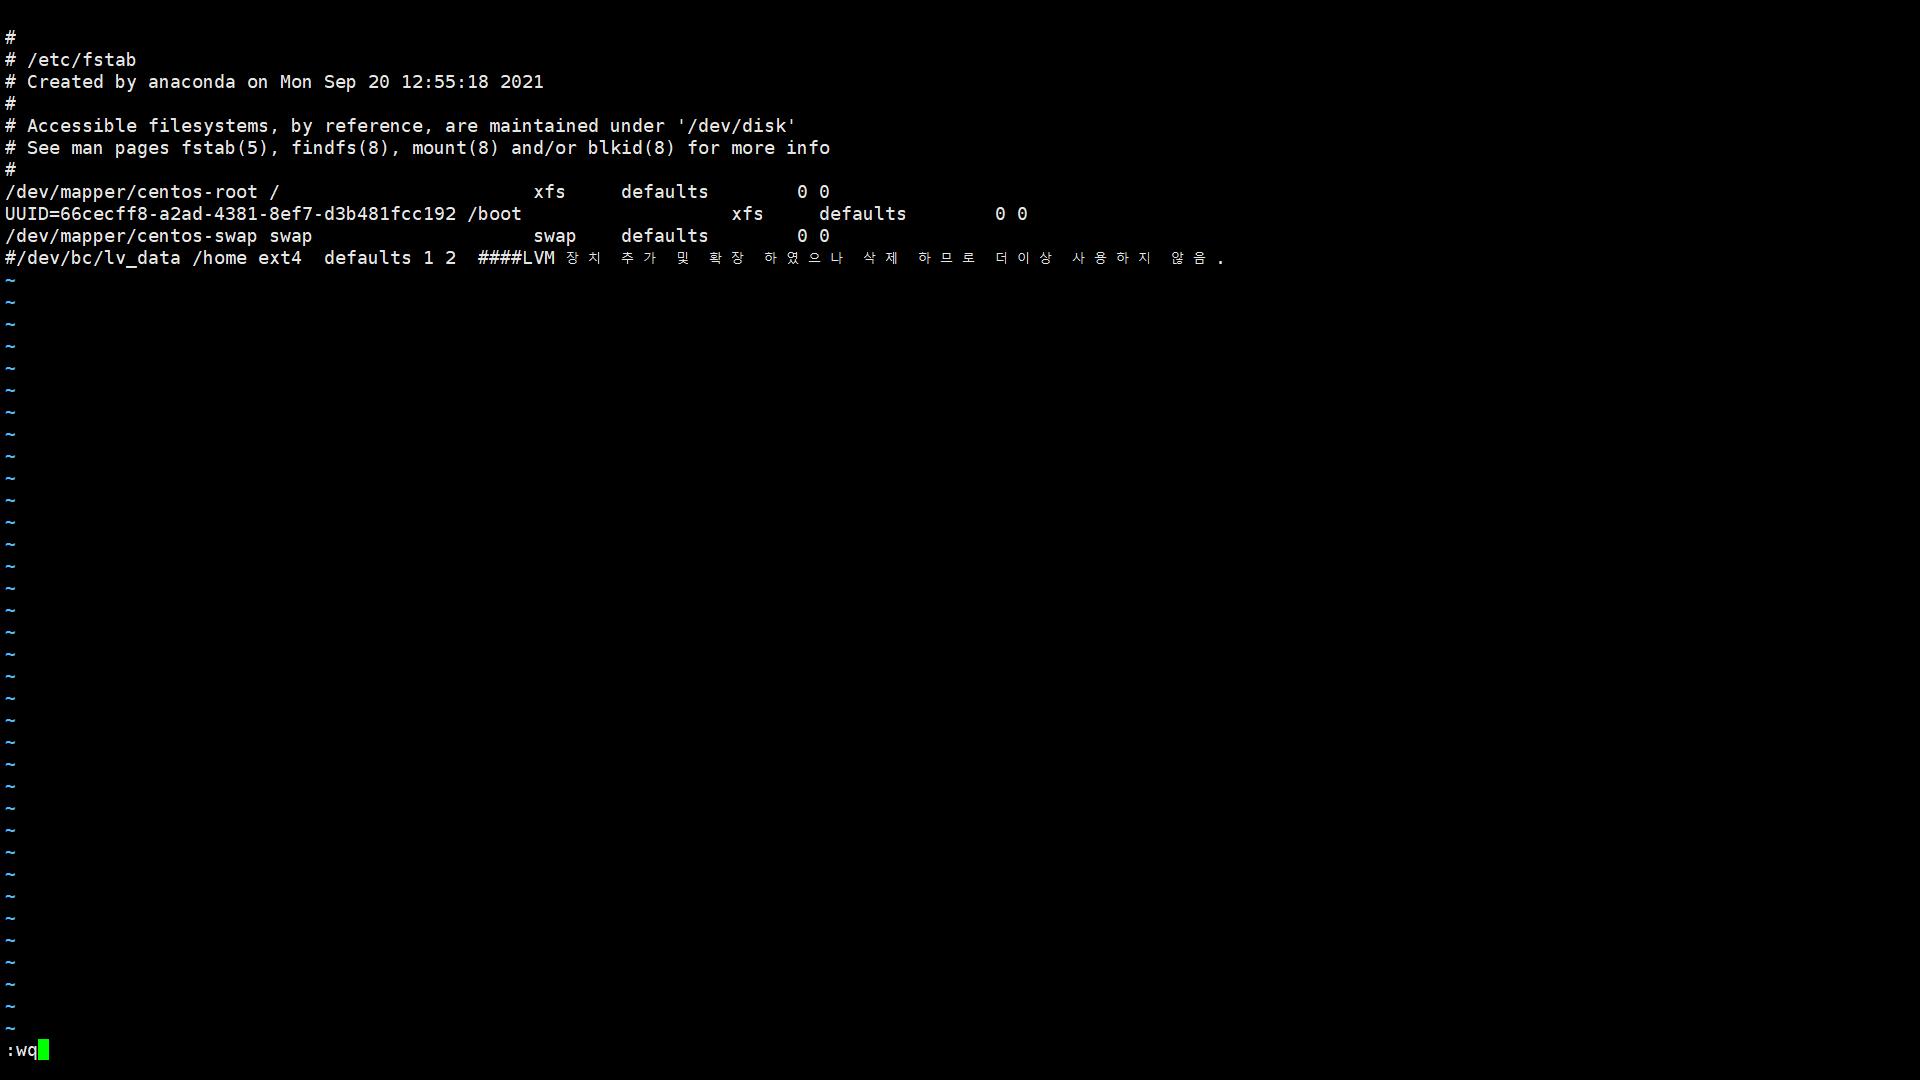 새롭게 확장한 데이터의 파일 시스템 크기 조정해 주어야 리눅스 LVM 확장ㆍLVM 장치 삭제 방법(VMware)